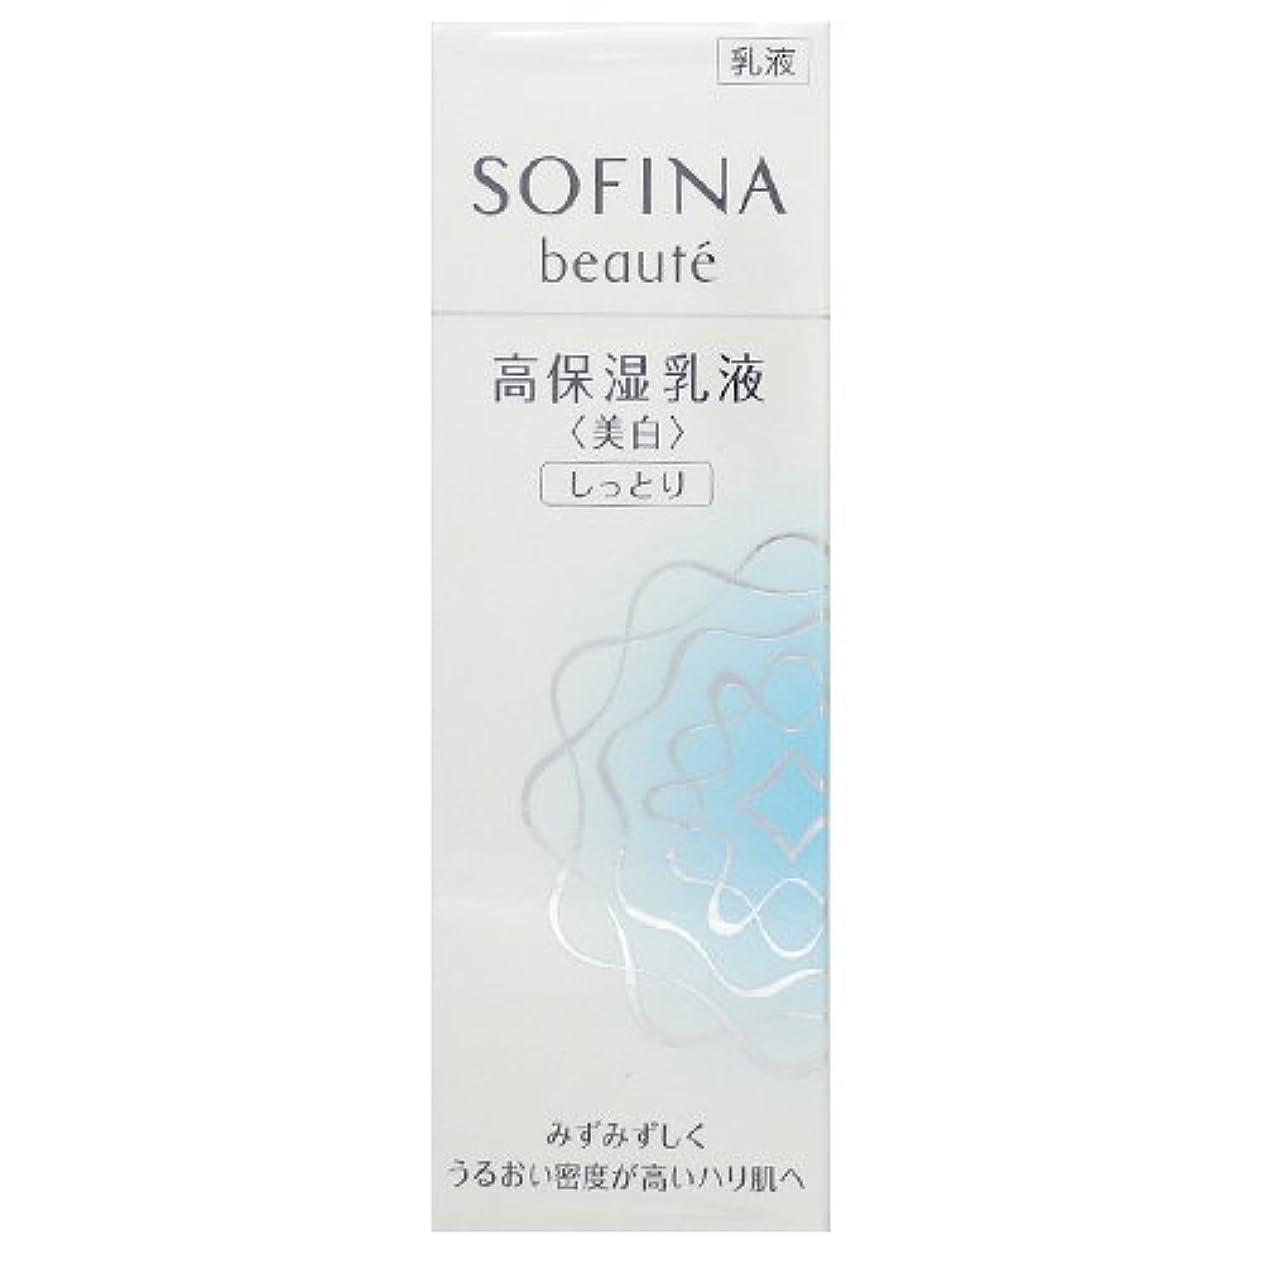 真っ逆さま麻痺させる伝説花王 ソフィーナ ボーテ 高保湿乳液 美白 しっとり 60g